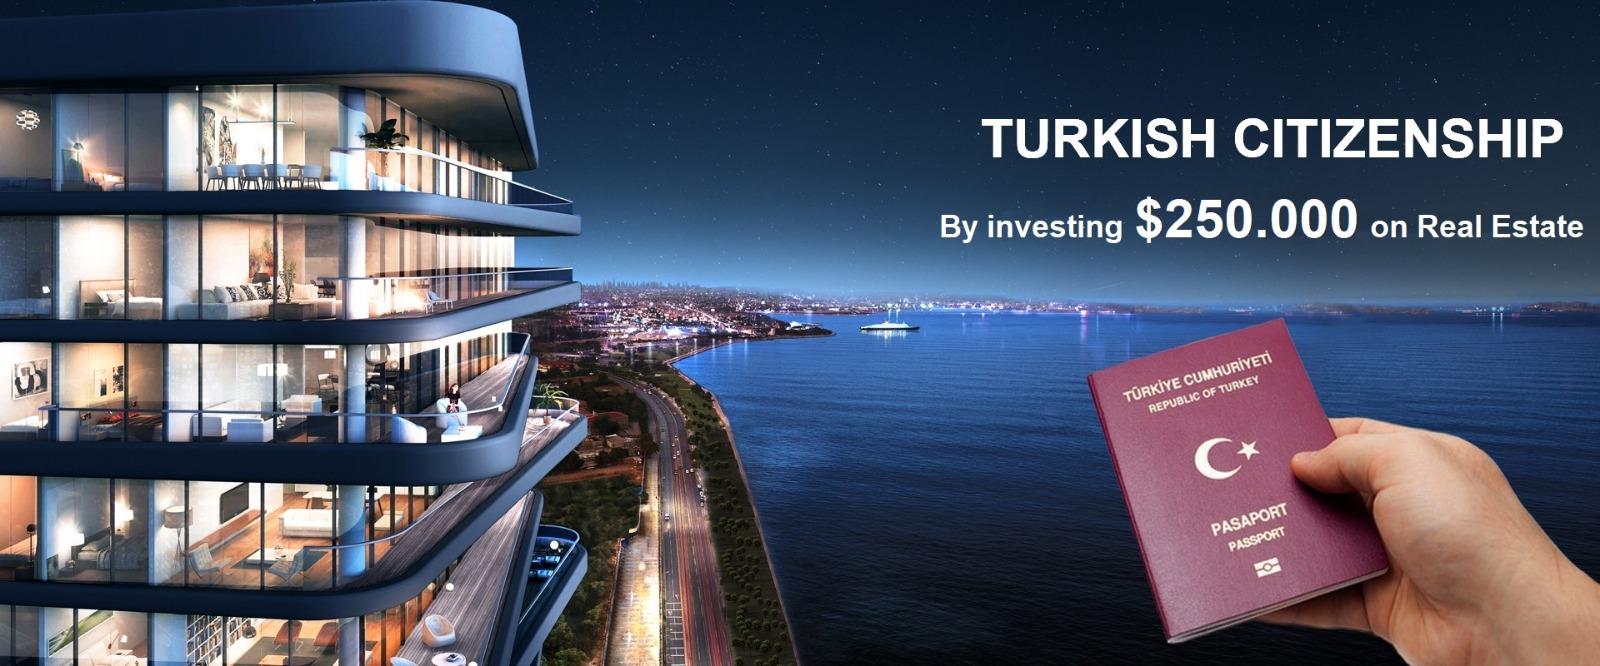 Turkish Citizenship in Turkey 2021: 5 Ways to Get It!